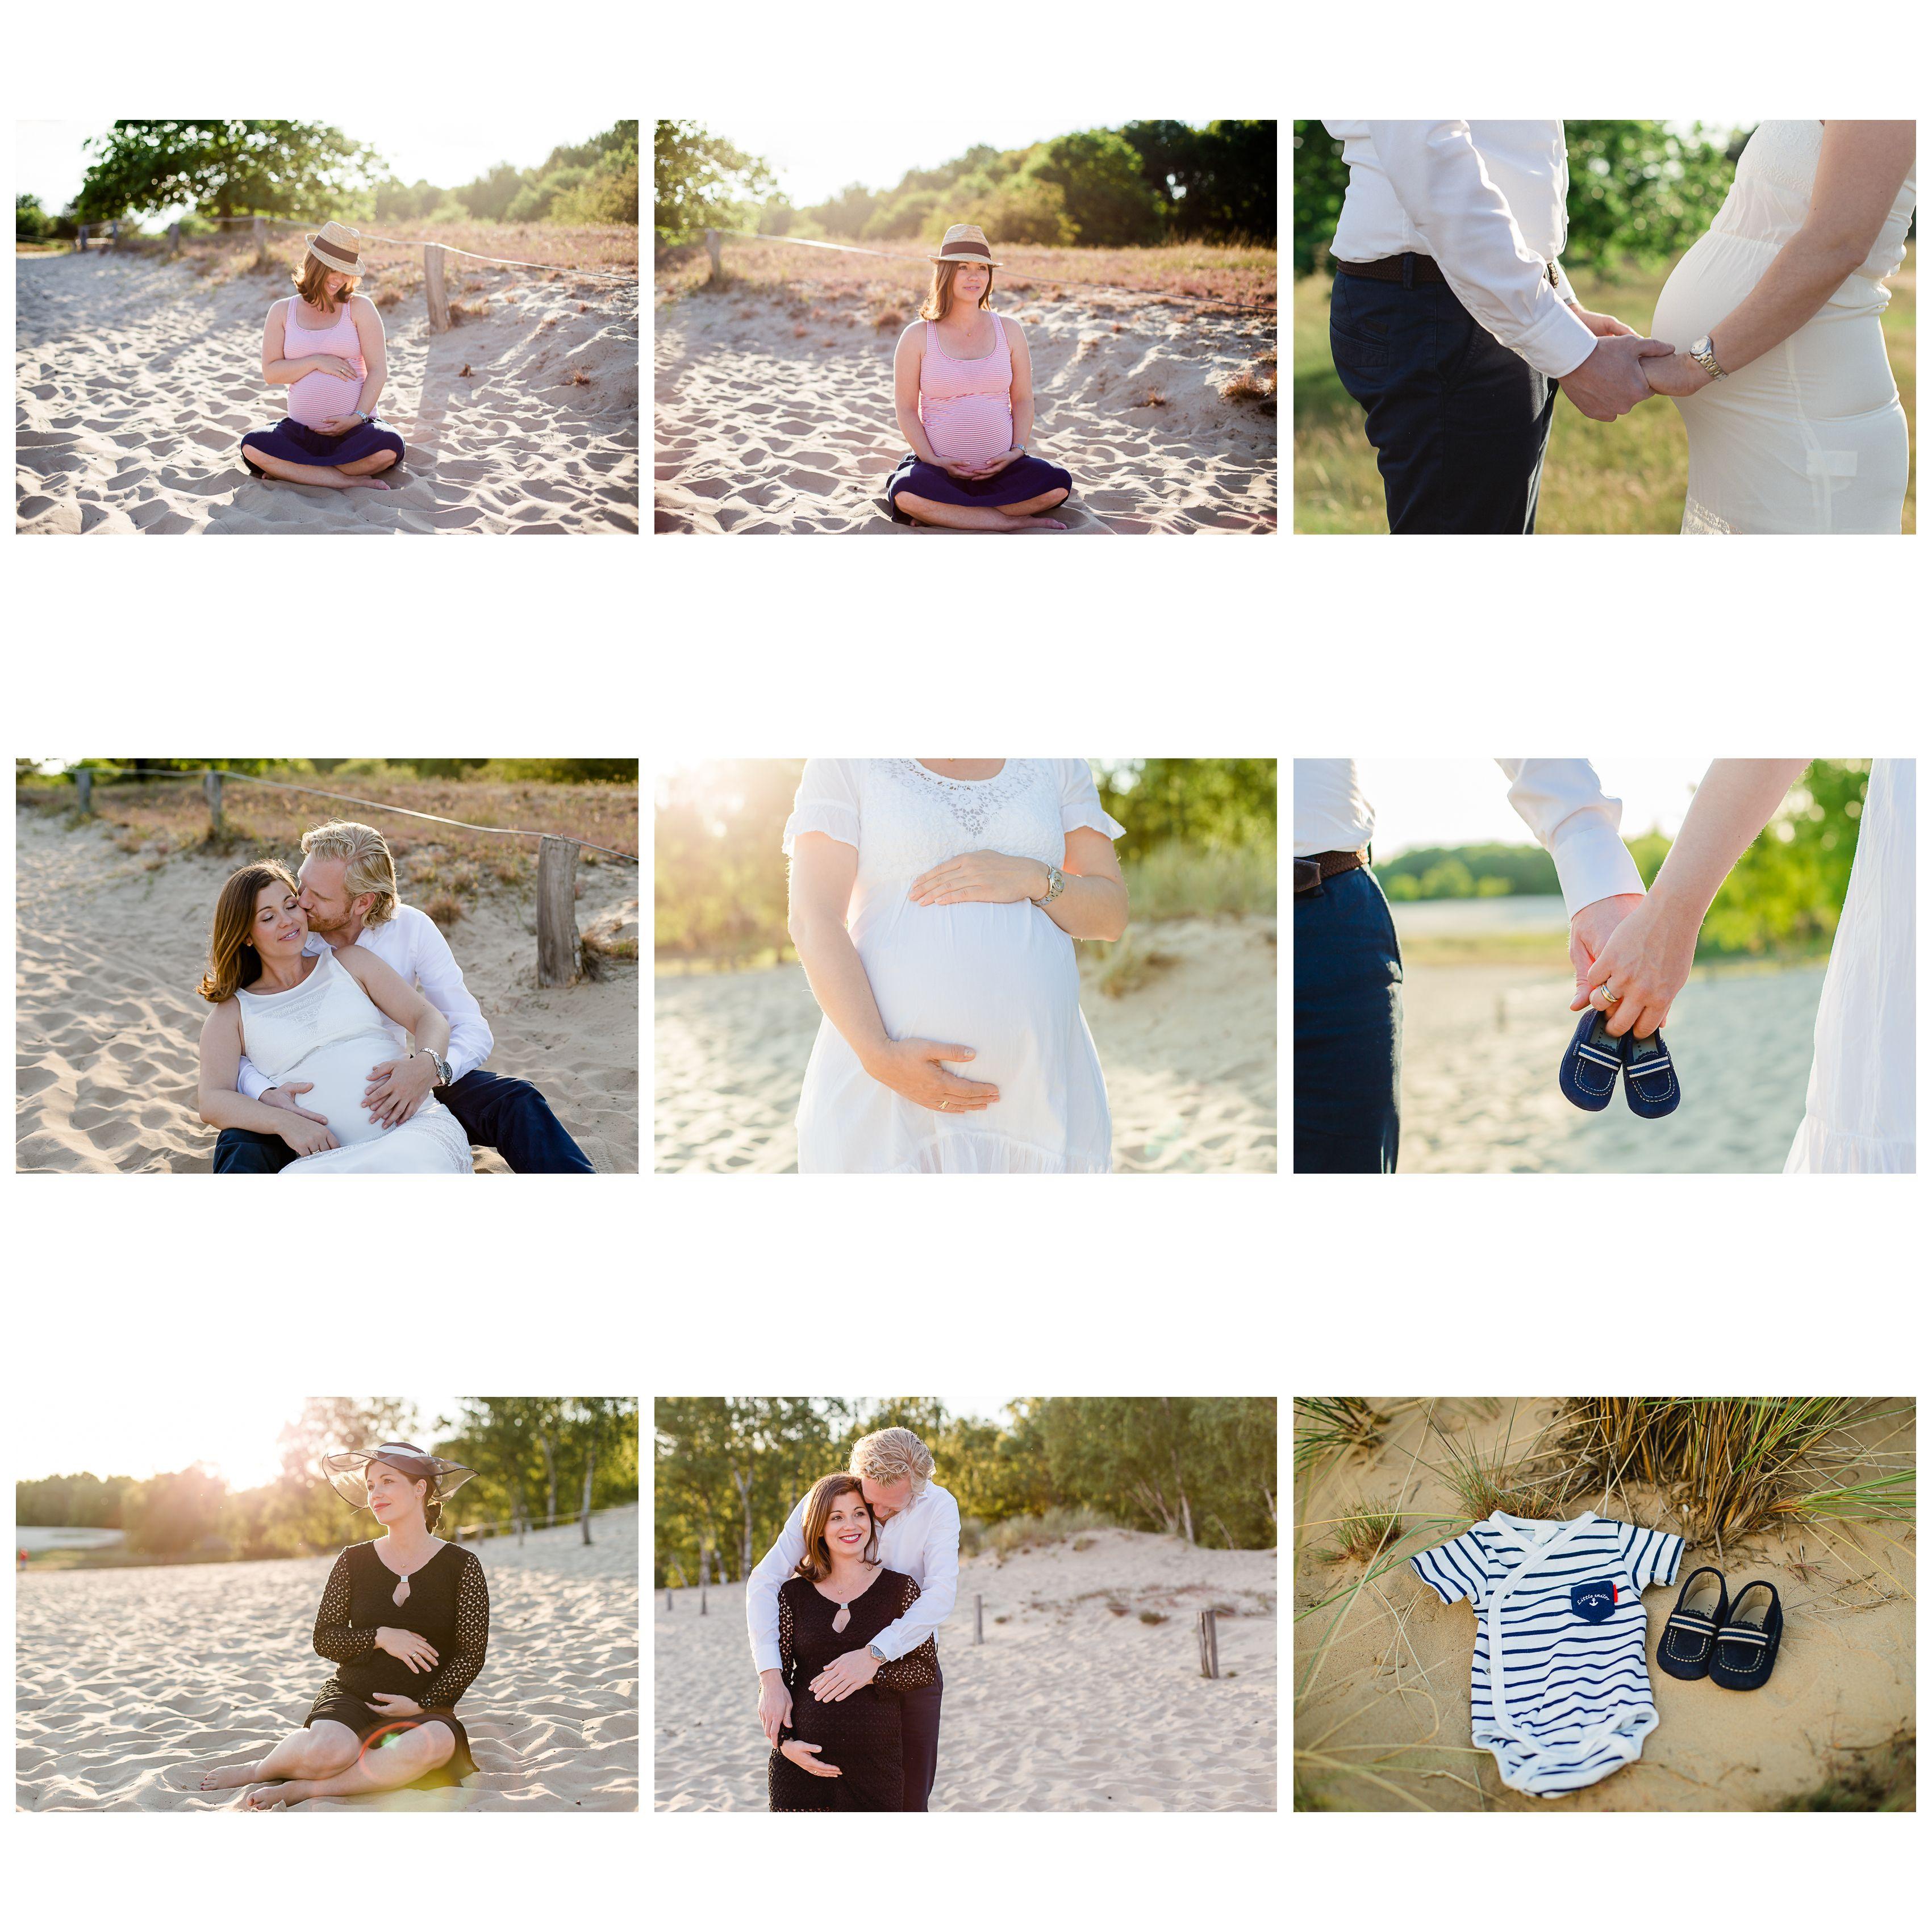 Parents to be Anja & Henning   //SARAH SUMMER  #Portrait #photography #Family #Baby #newborn #weddings #Hochzeiten #letsgetmarried #Seevetal #Hamburg #PatriciaSchulze #Canon #love #Liebe #maternity #Schwangerschaft #Engagement #friends #Fotografie #model #sand #summer #sun #fun